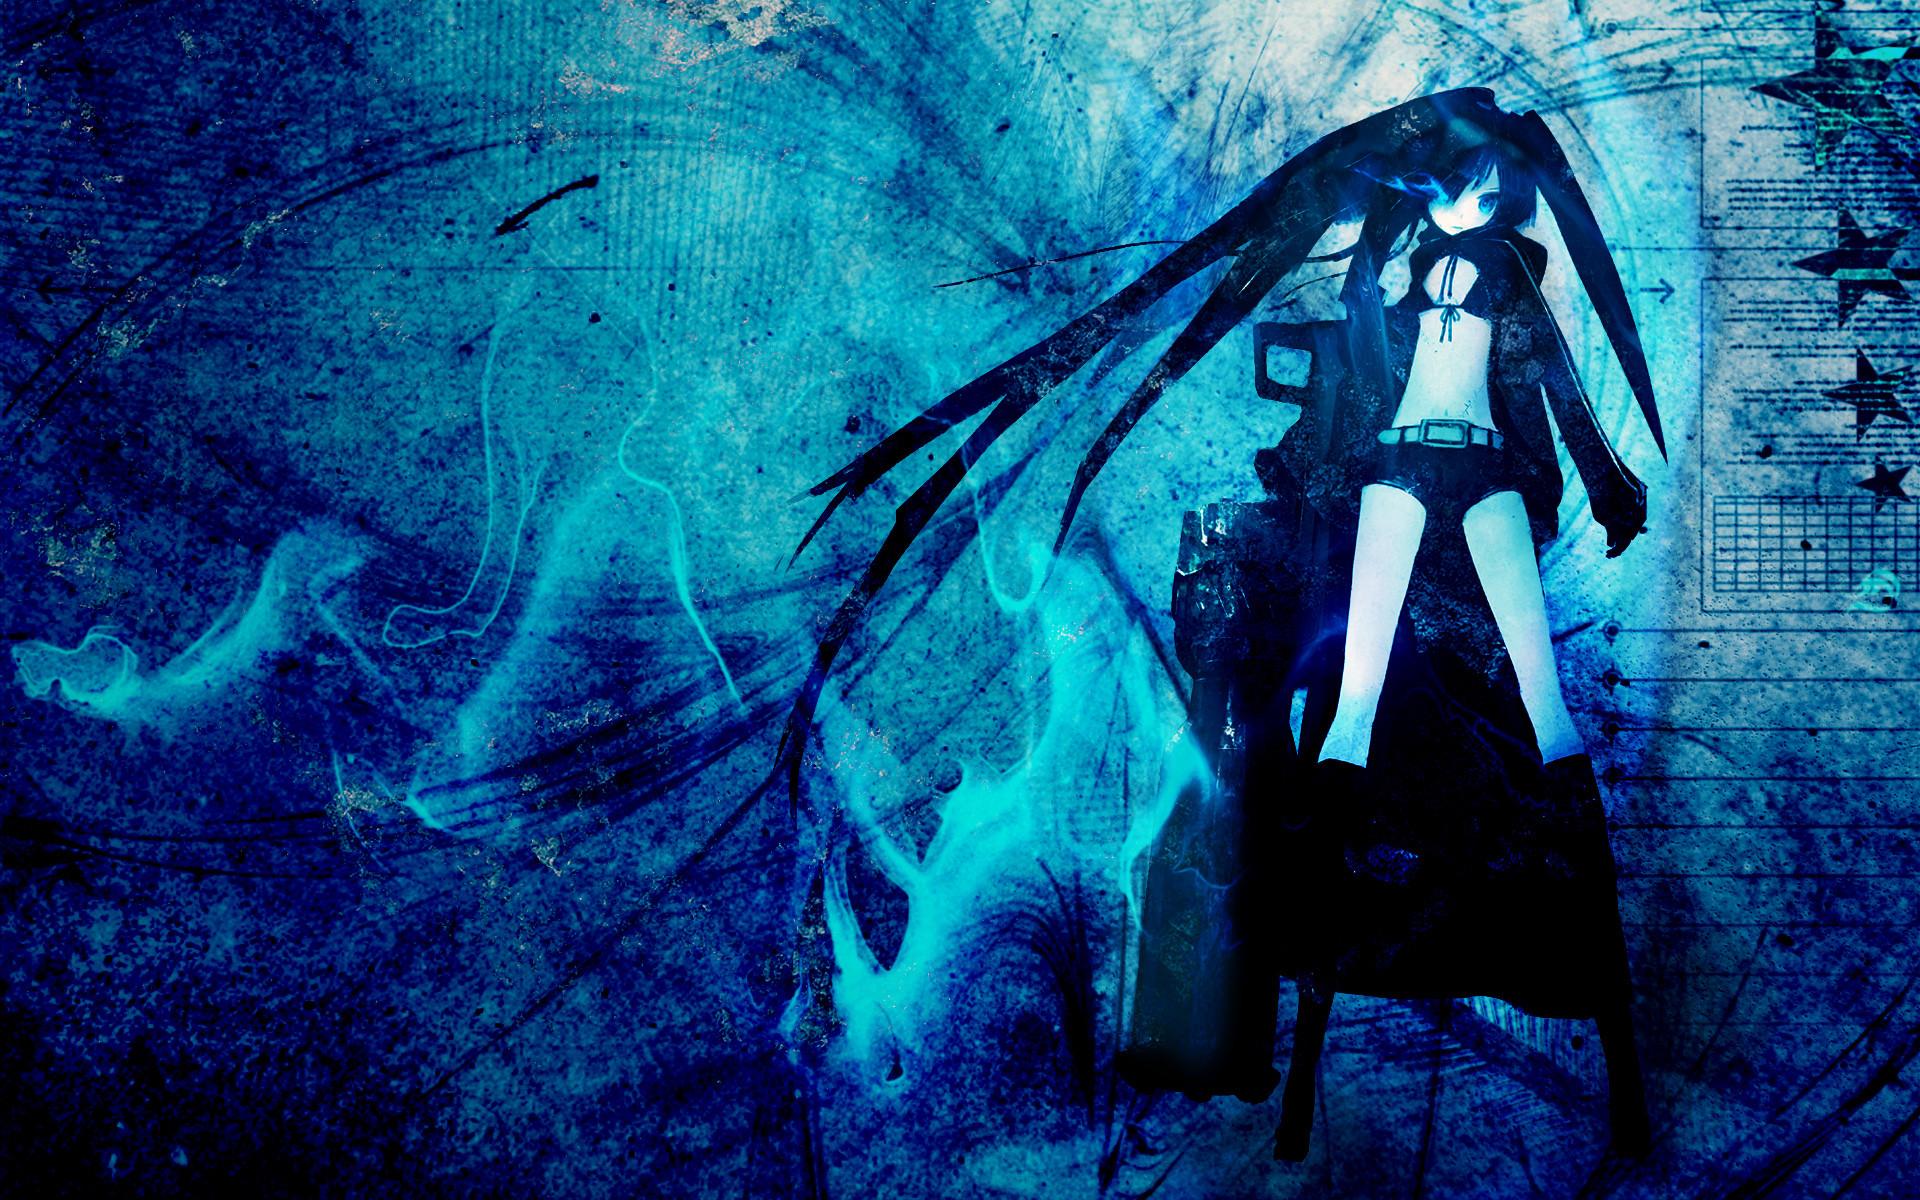 Anime-Wallpaper-HD-Widescreen-O6